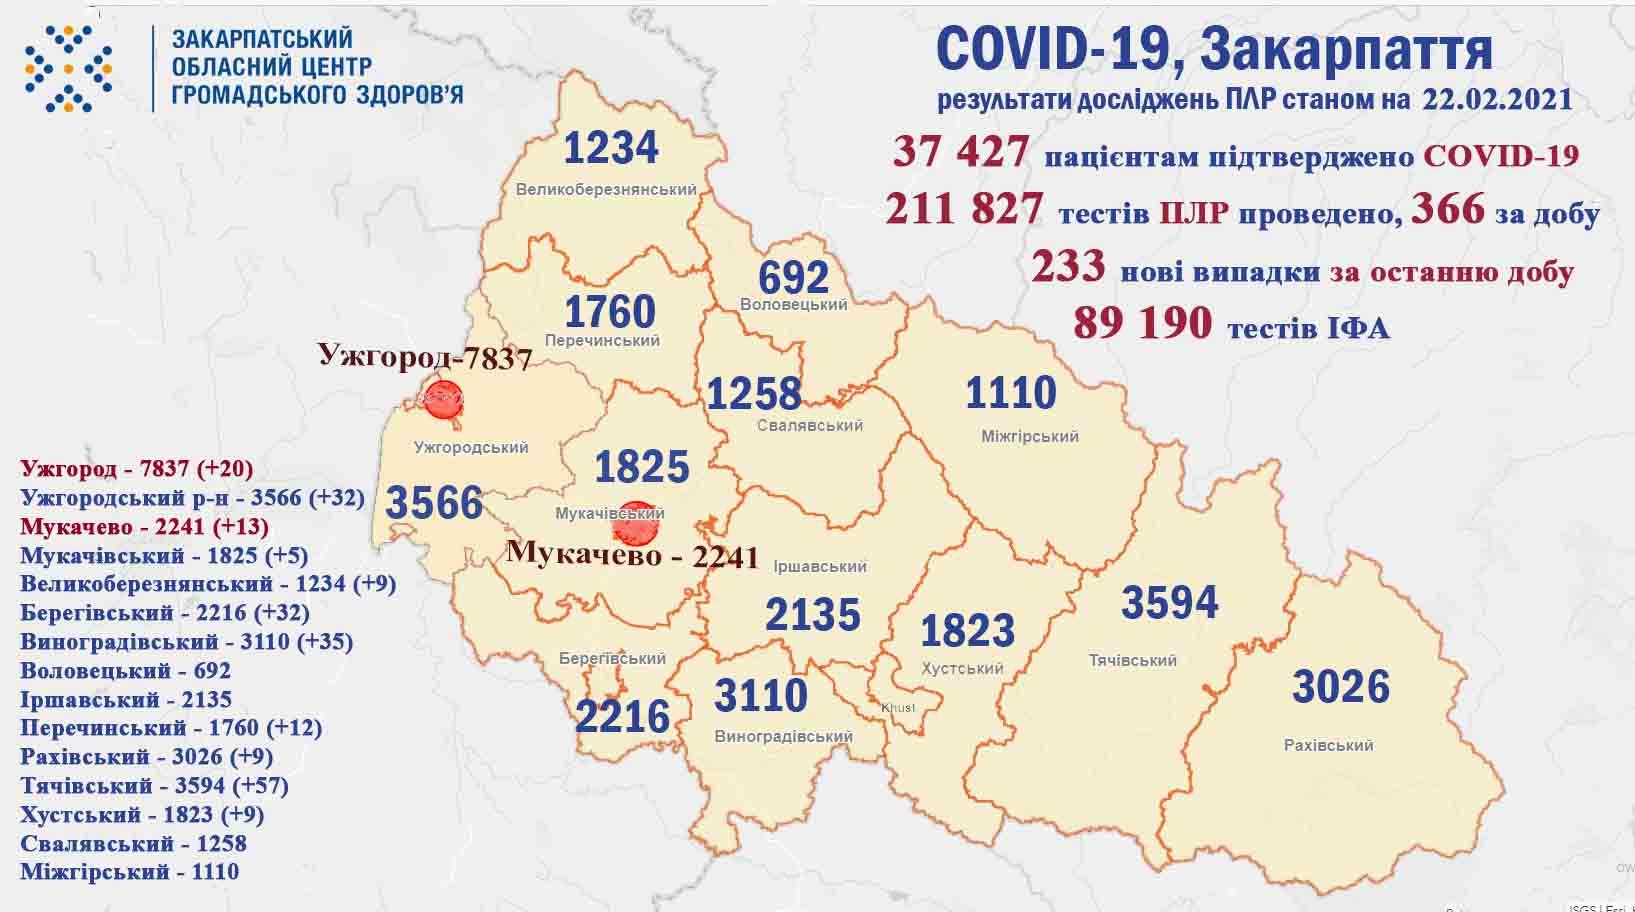 Коронавірус у Закарпатті, станом на 22 лютого: оновлена статистика